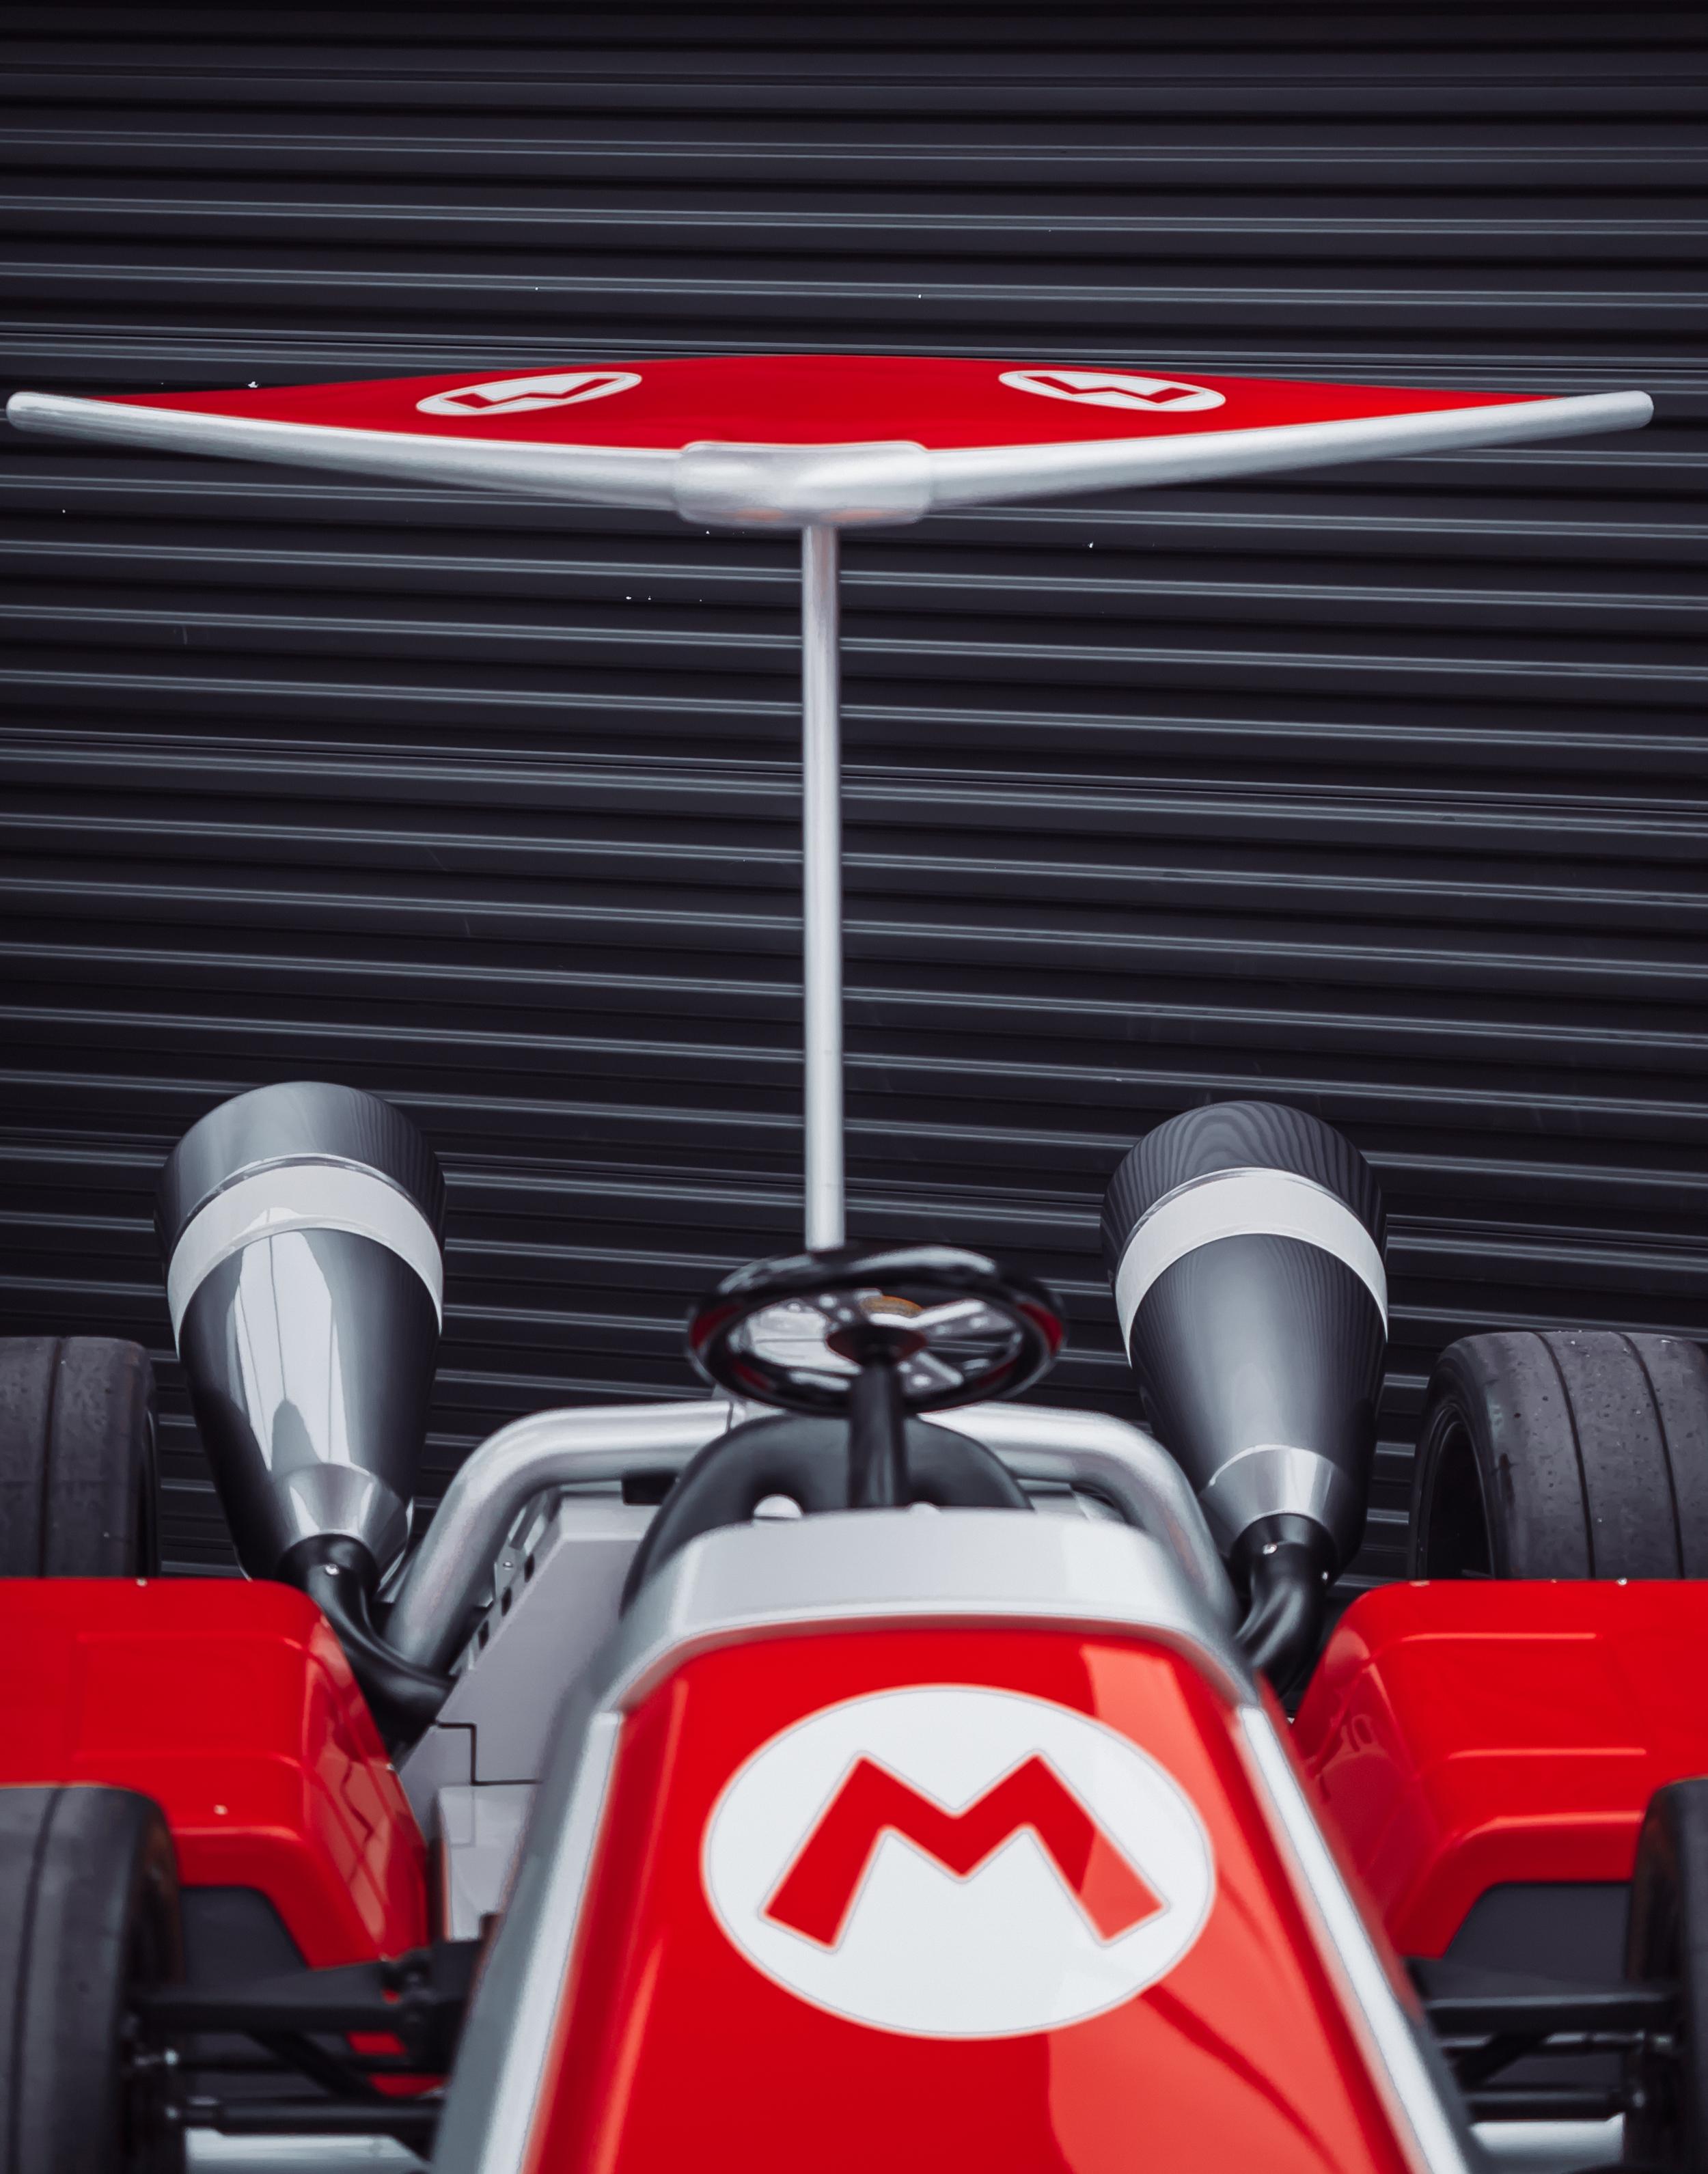 Mario_Cart.jpg